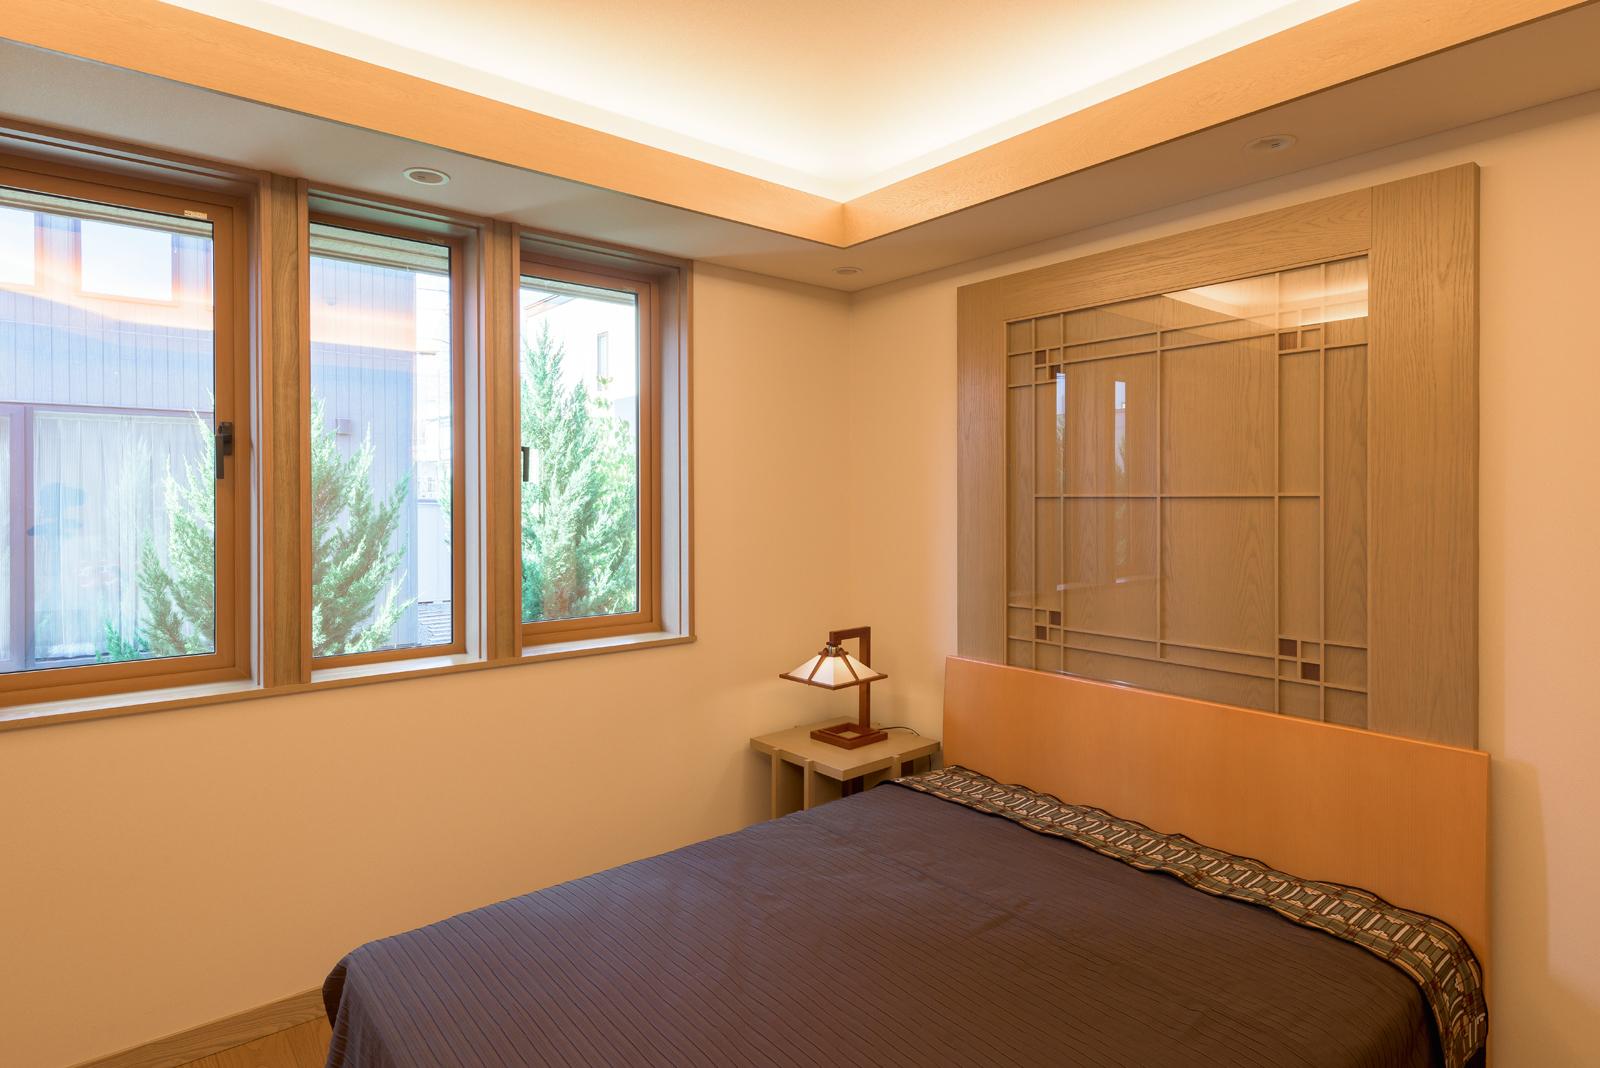 庭の緑や光を採り込む開口を設けた主寝室は、アイ建築工房でデザインを起こしたヘッドボードをシンプルな空間のアクセントに